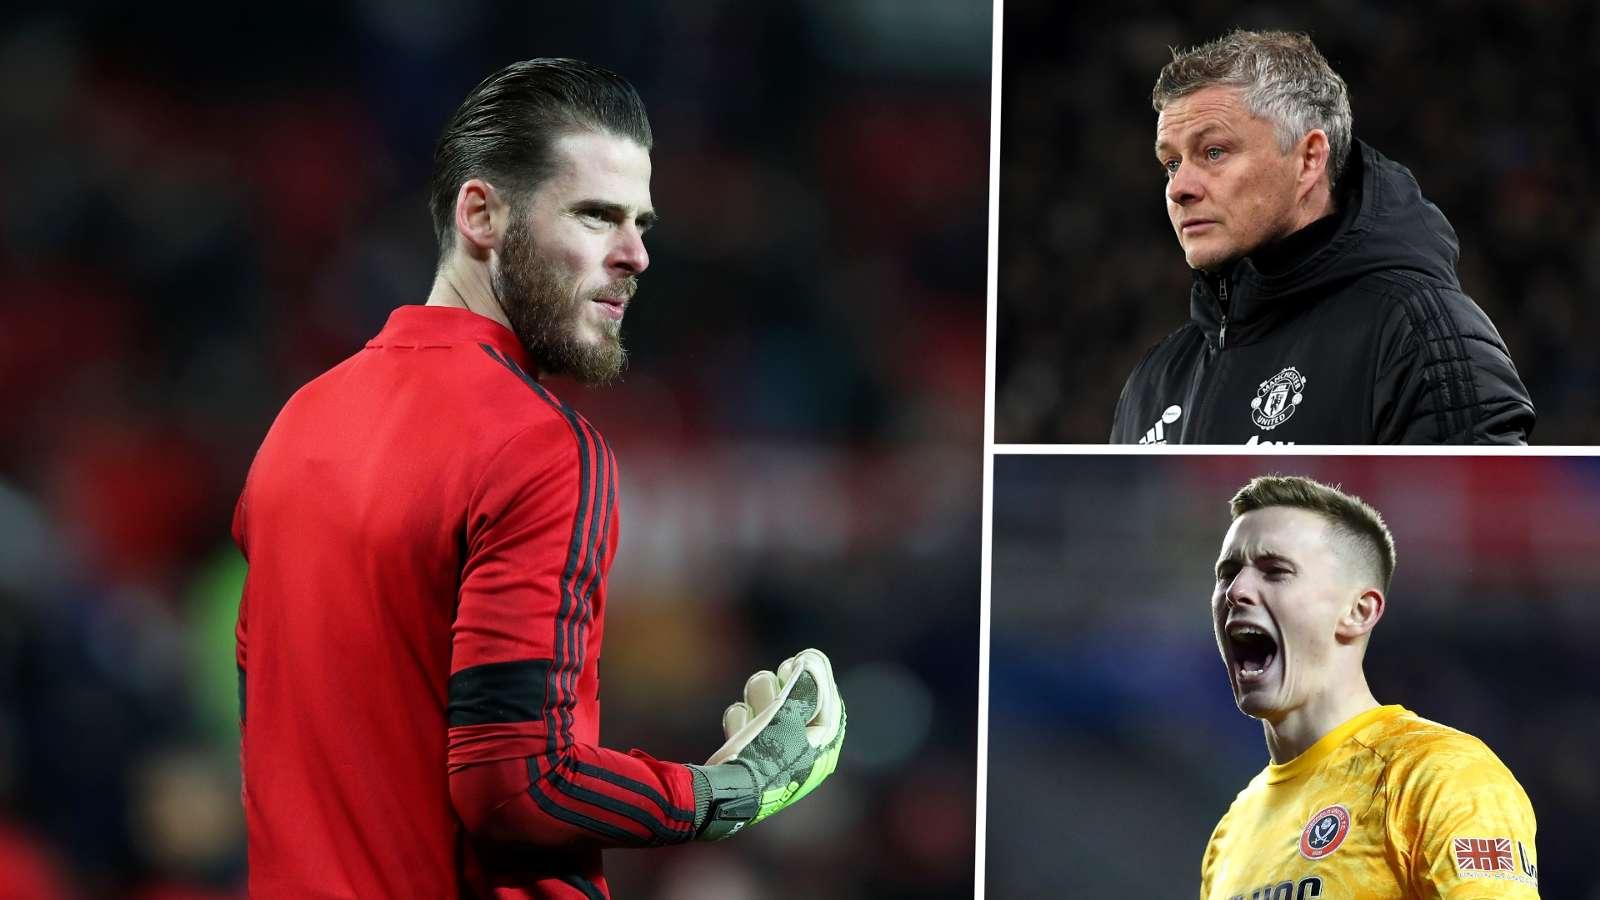 David de Gea Ole Gunnar Solskjaer Dean Henderson Man Utd 2019-20 GFX